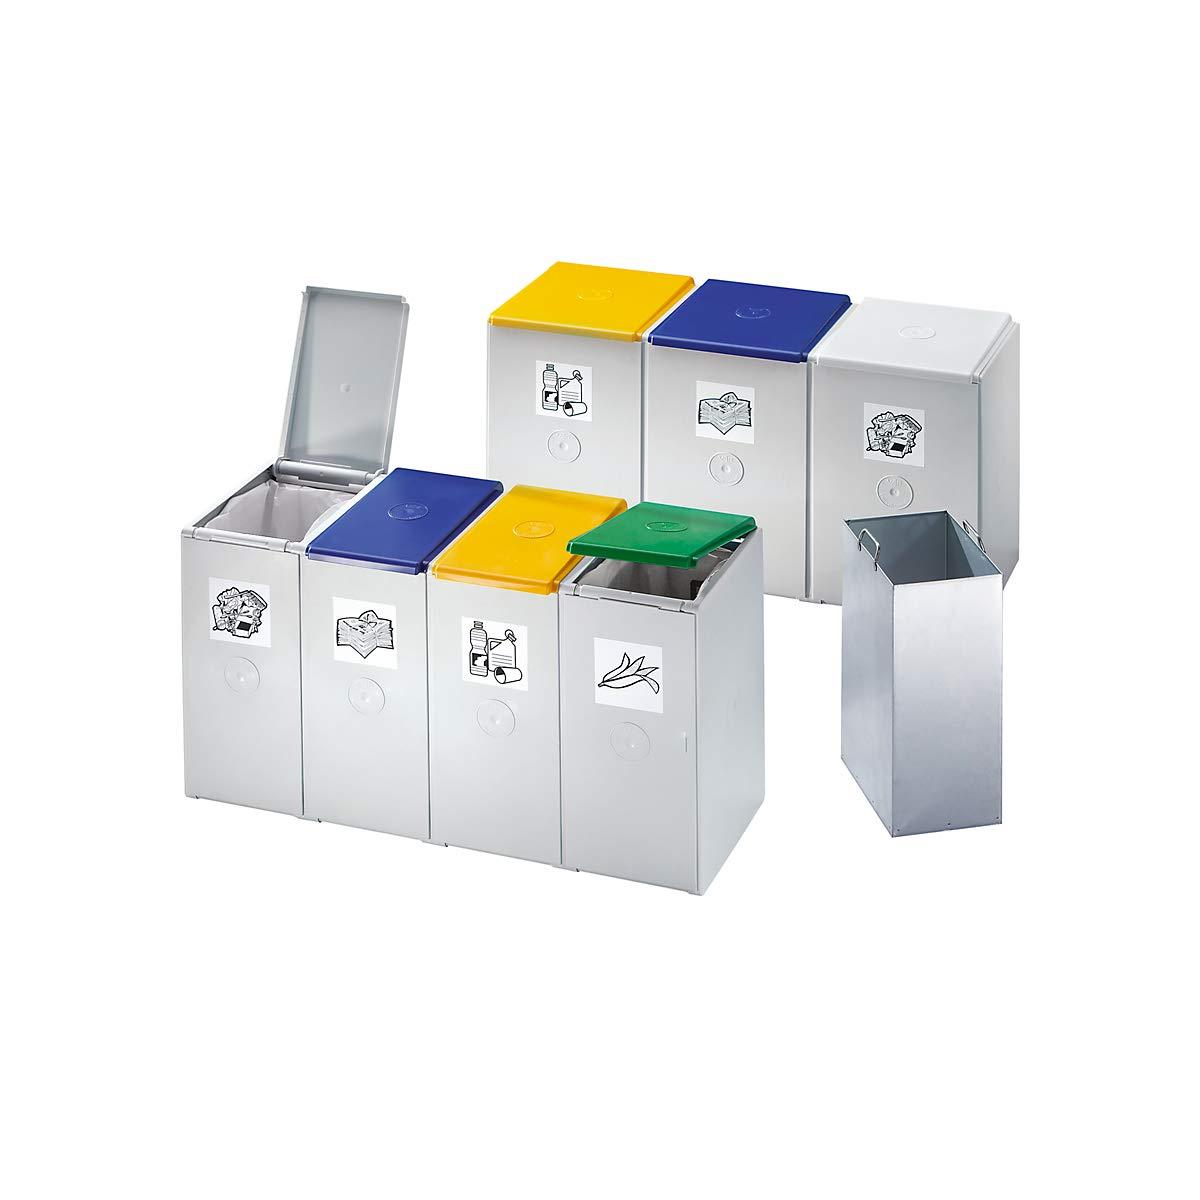 Für 60 L, Als 3-fach Sammelstation Var Wertstoff-trenn Und Sammelbehälter